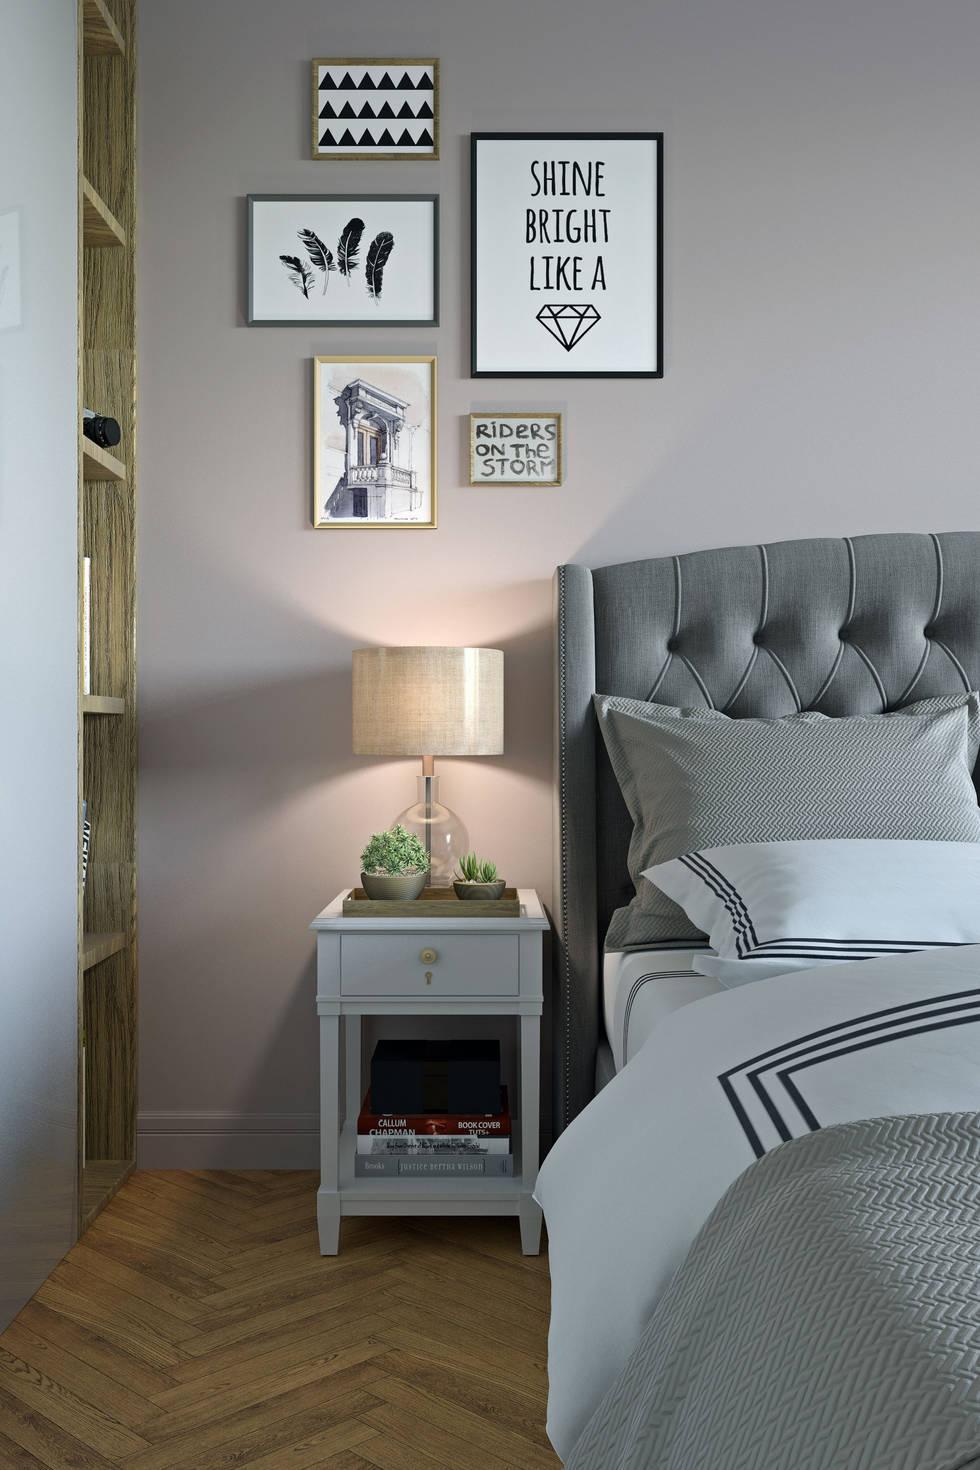 경제적으로 꾸미자, 침실 인테리어 아이디어 7